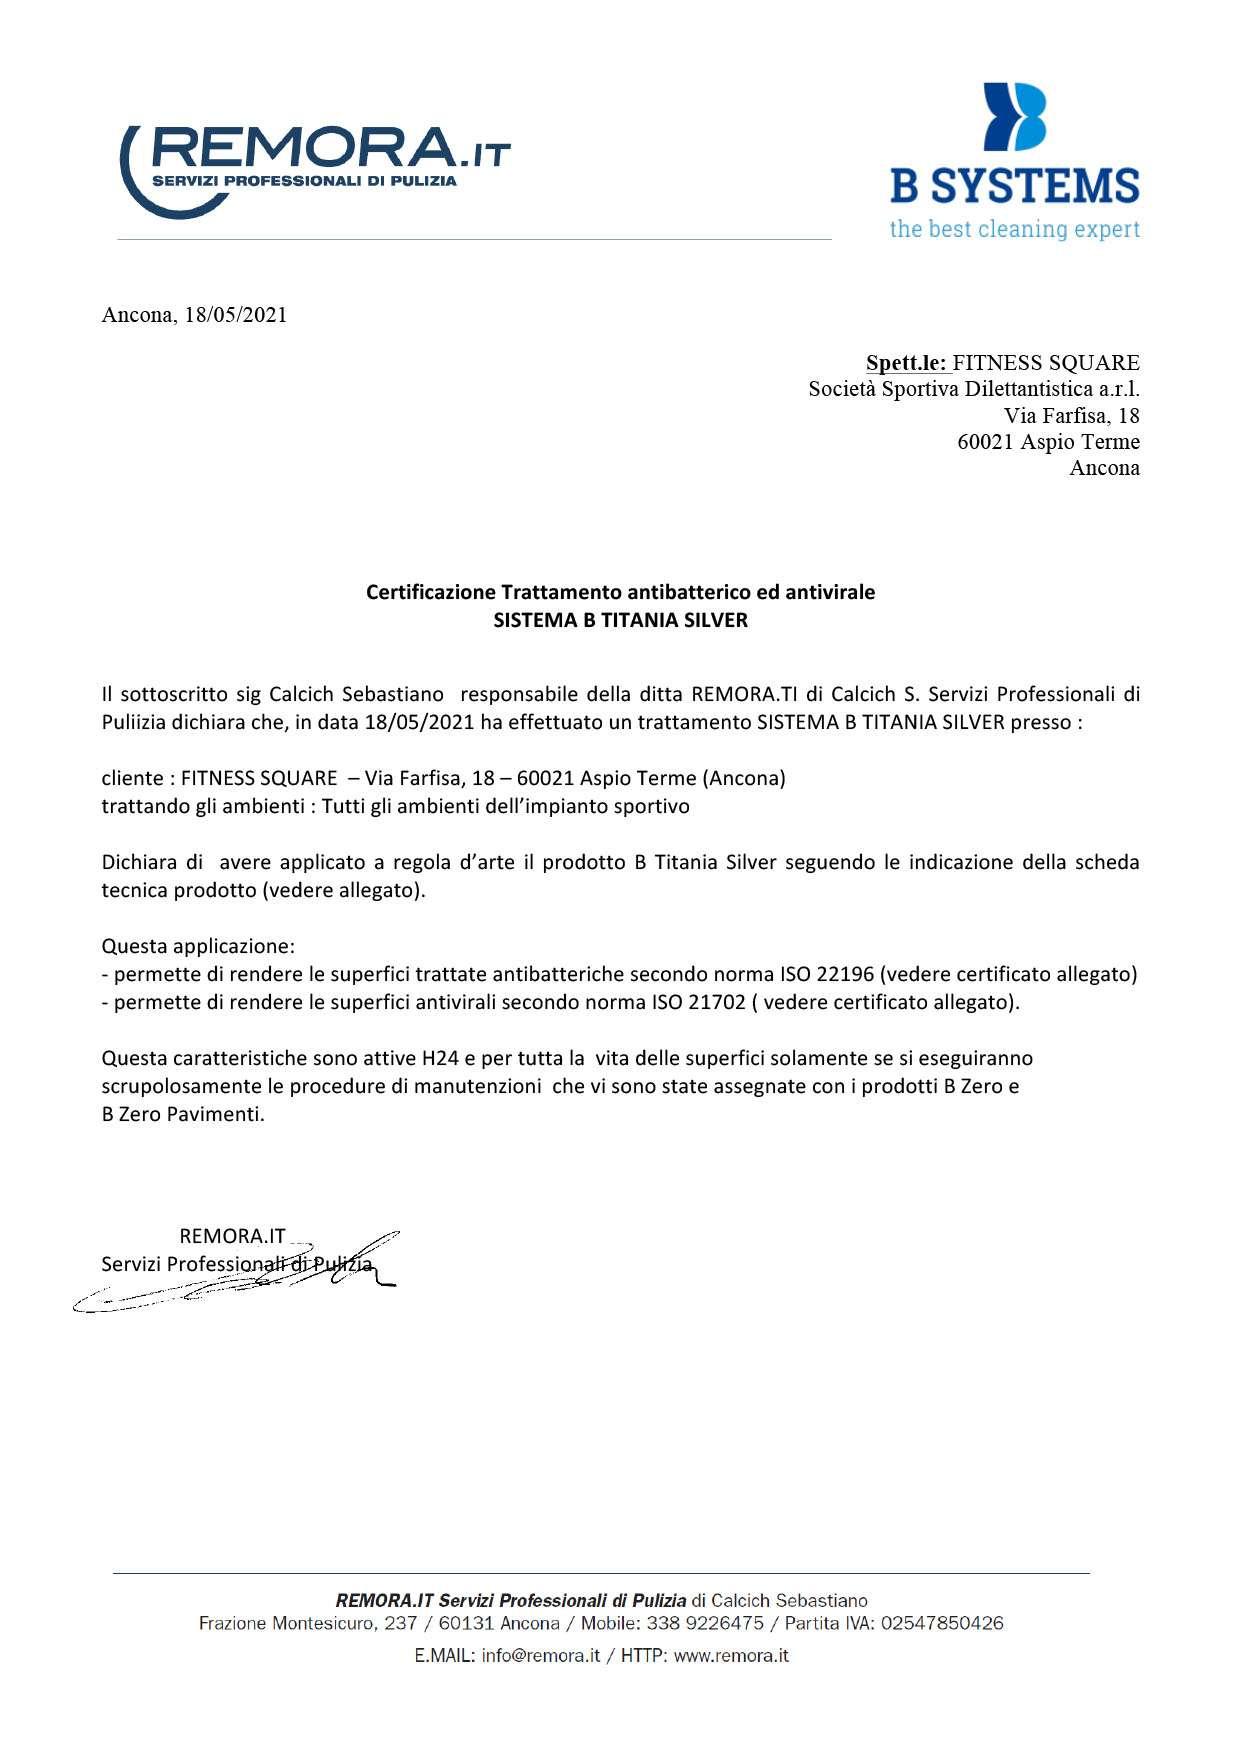 Microsoft Word – certificato B TITANIA SILVER Fitness Square.doc